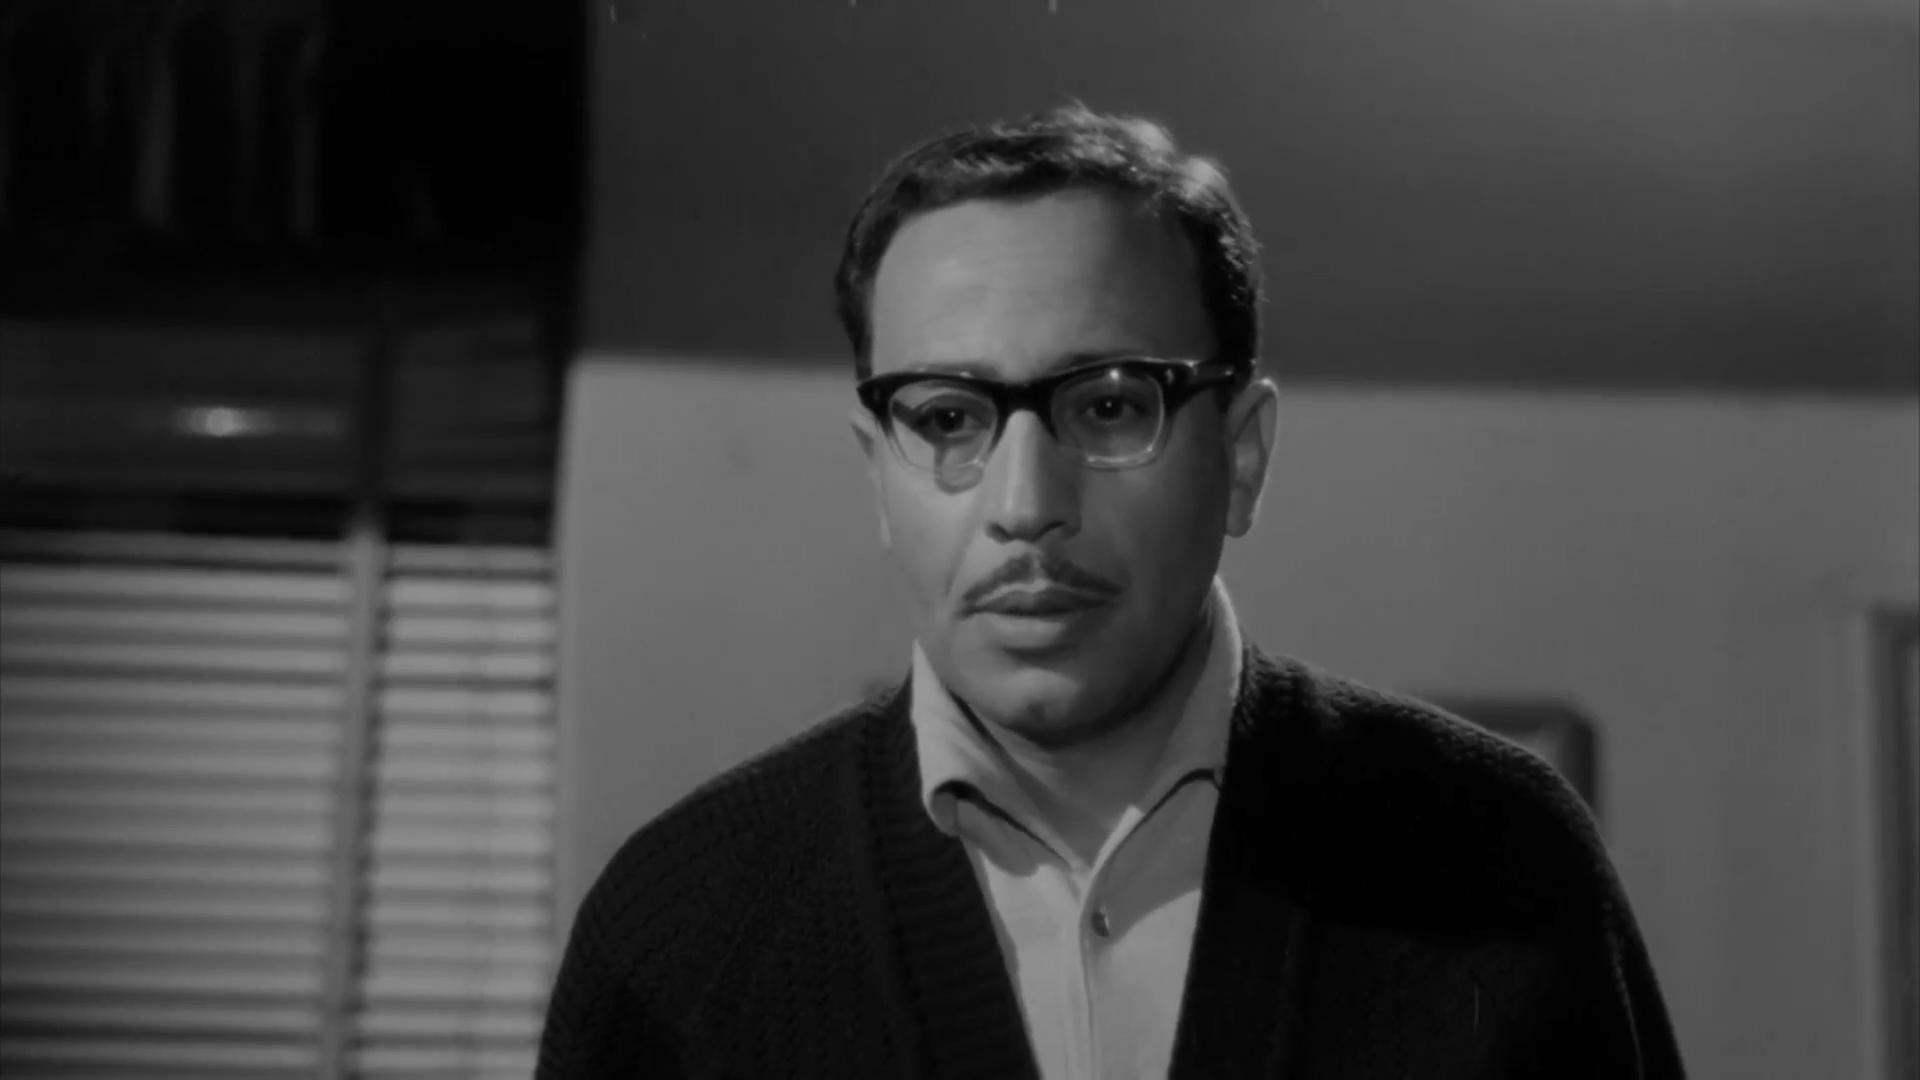 [فيلم][تورنت][تحميل][عائلة زيزي TS][1963][1080p][Web-DL] 8 arabp2p.com